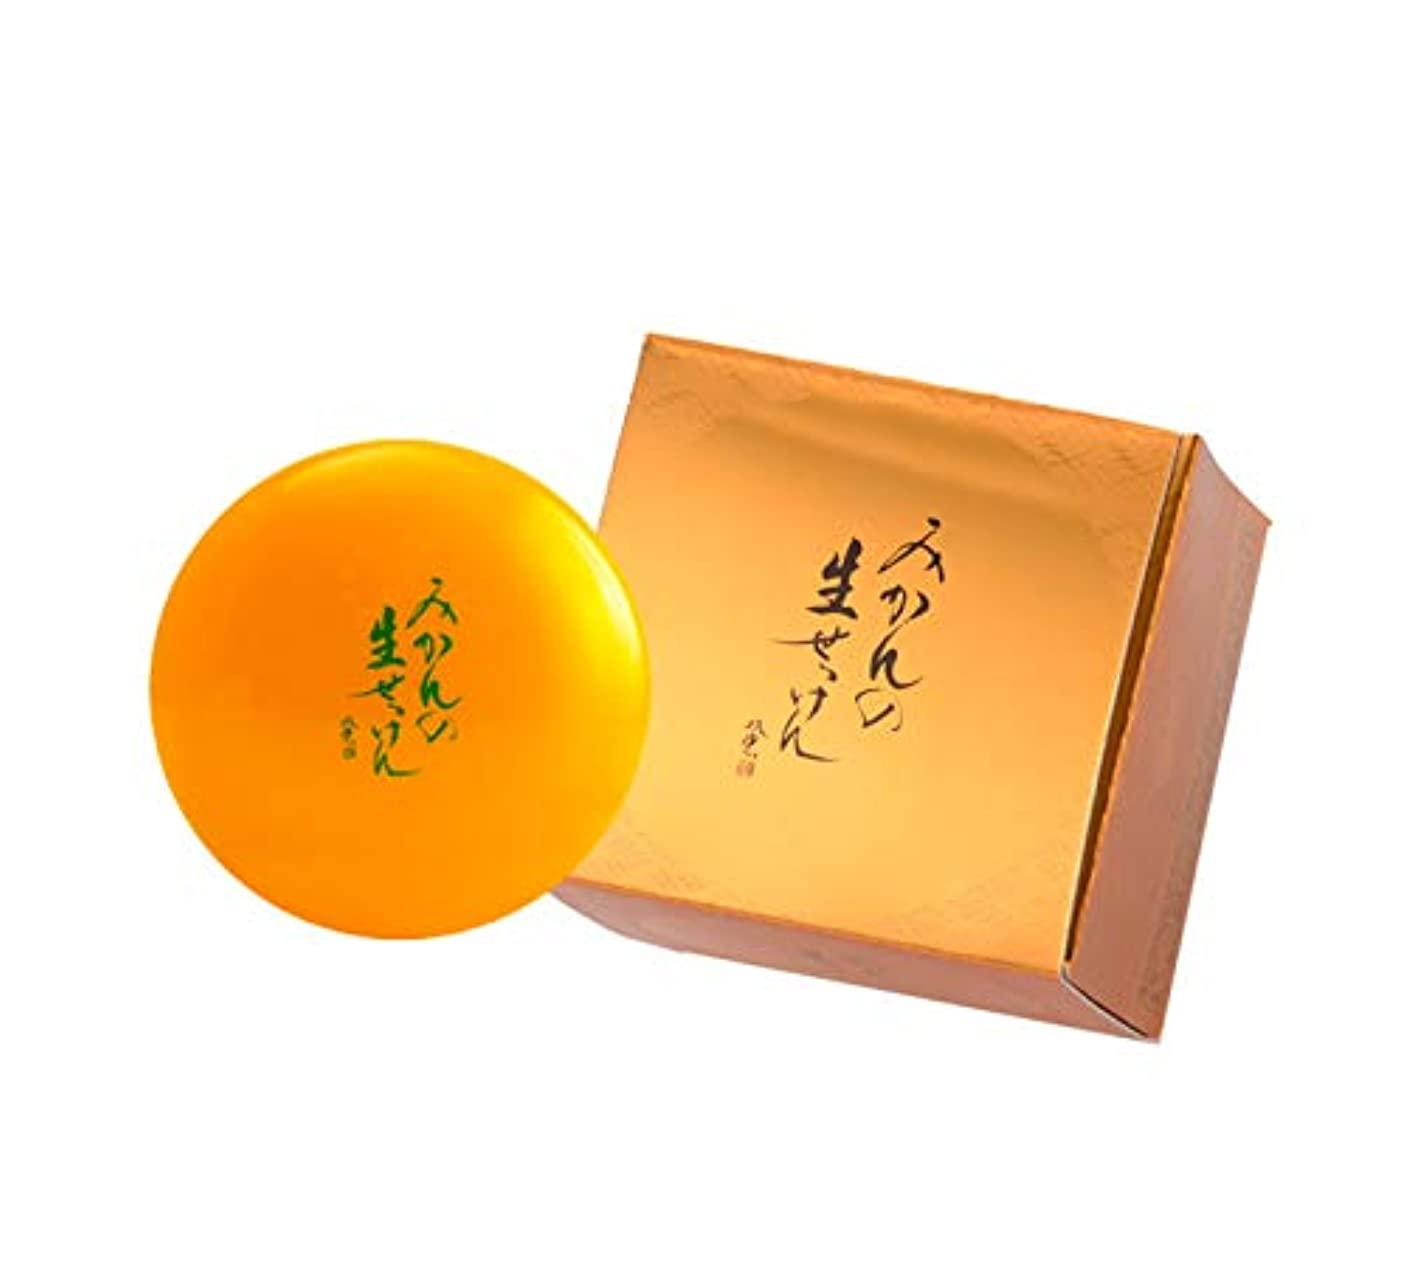 宇宙飛行士関連するキャンセルUYEKI美香柑みかんの生せっけん120g×3個セット